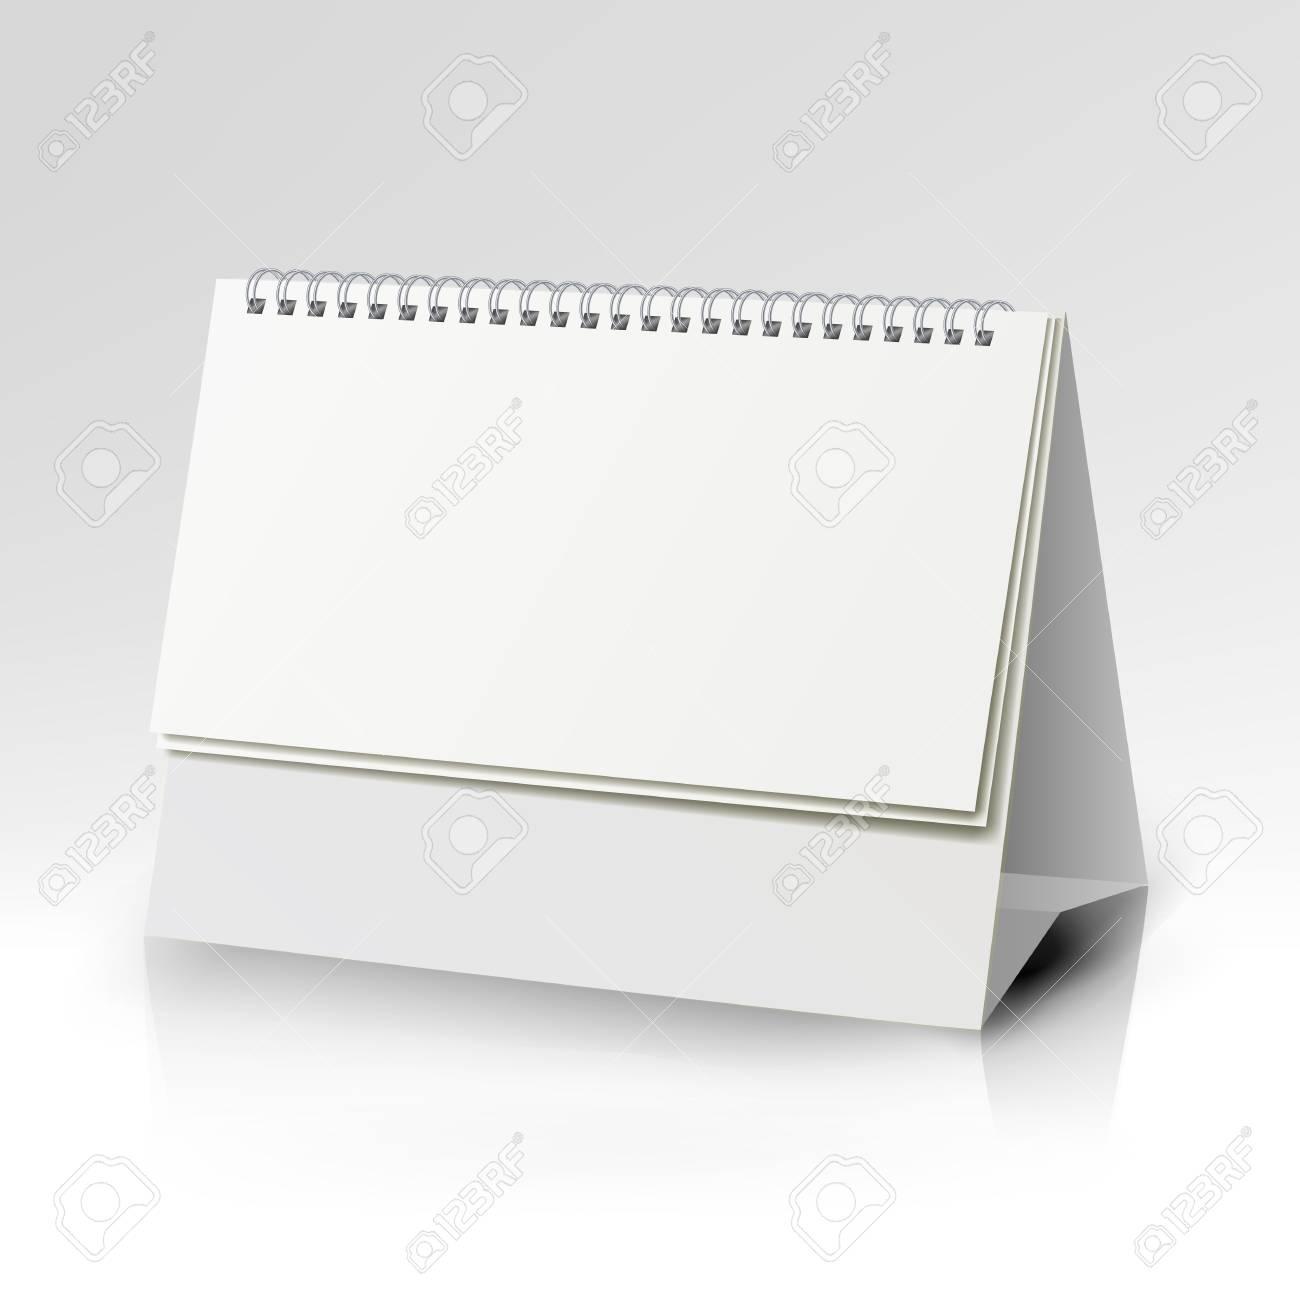 Weiß Leere Papier Schreibtisch Spirale Kalender Vorlage. Lizenzfrei ...